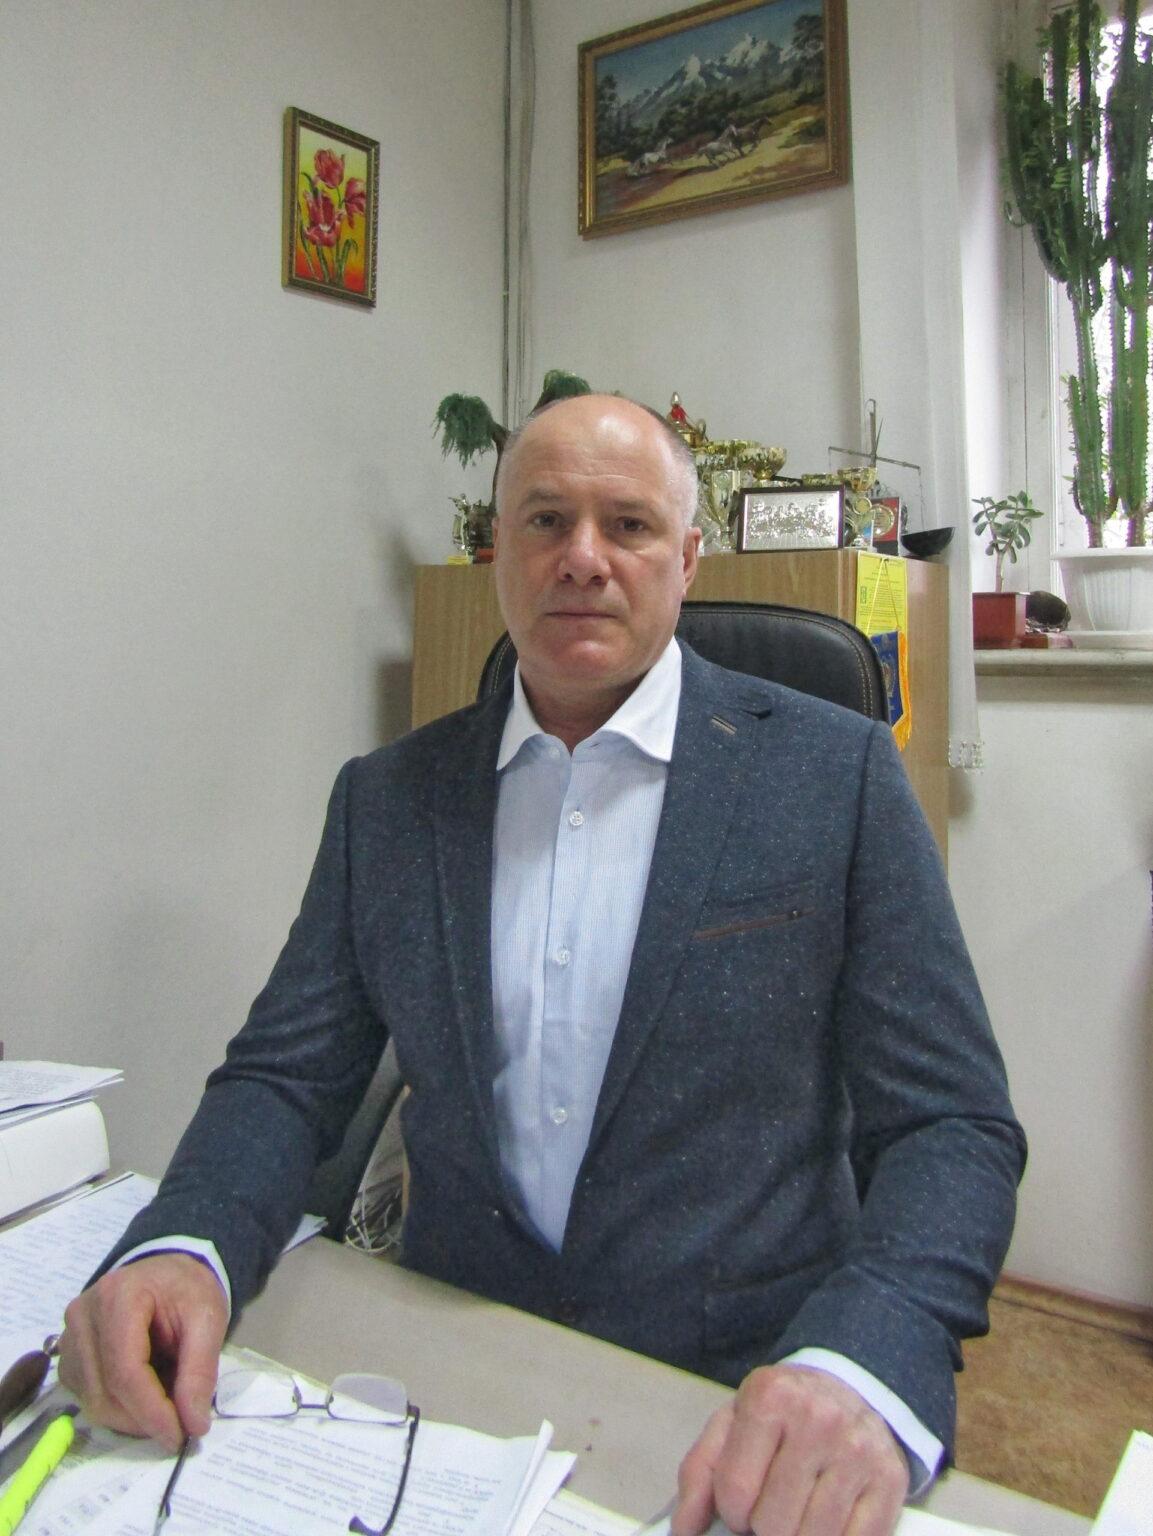 Завідувач відділенням:Криловський В'ячеслав Станіславович, завідувач Вінницького відділення КНДІСЕ